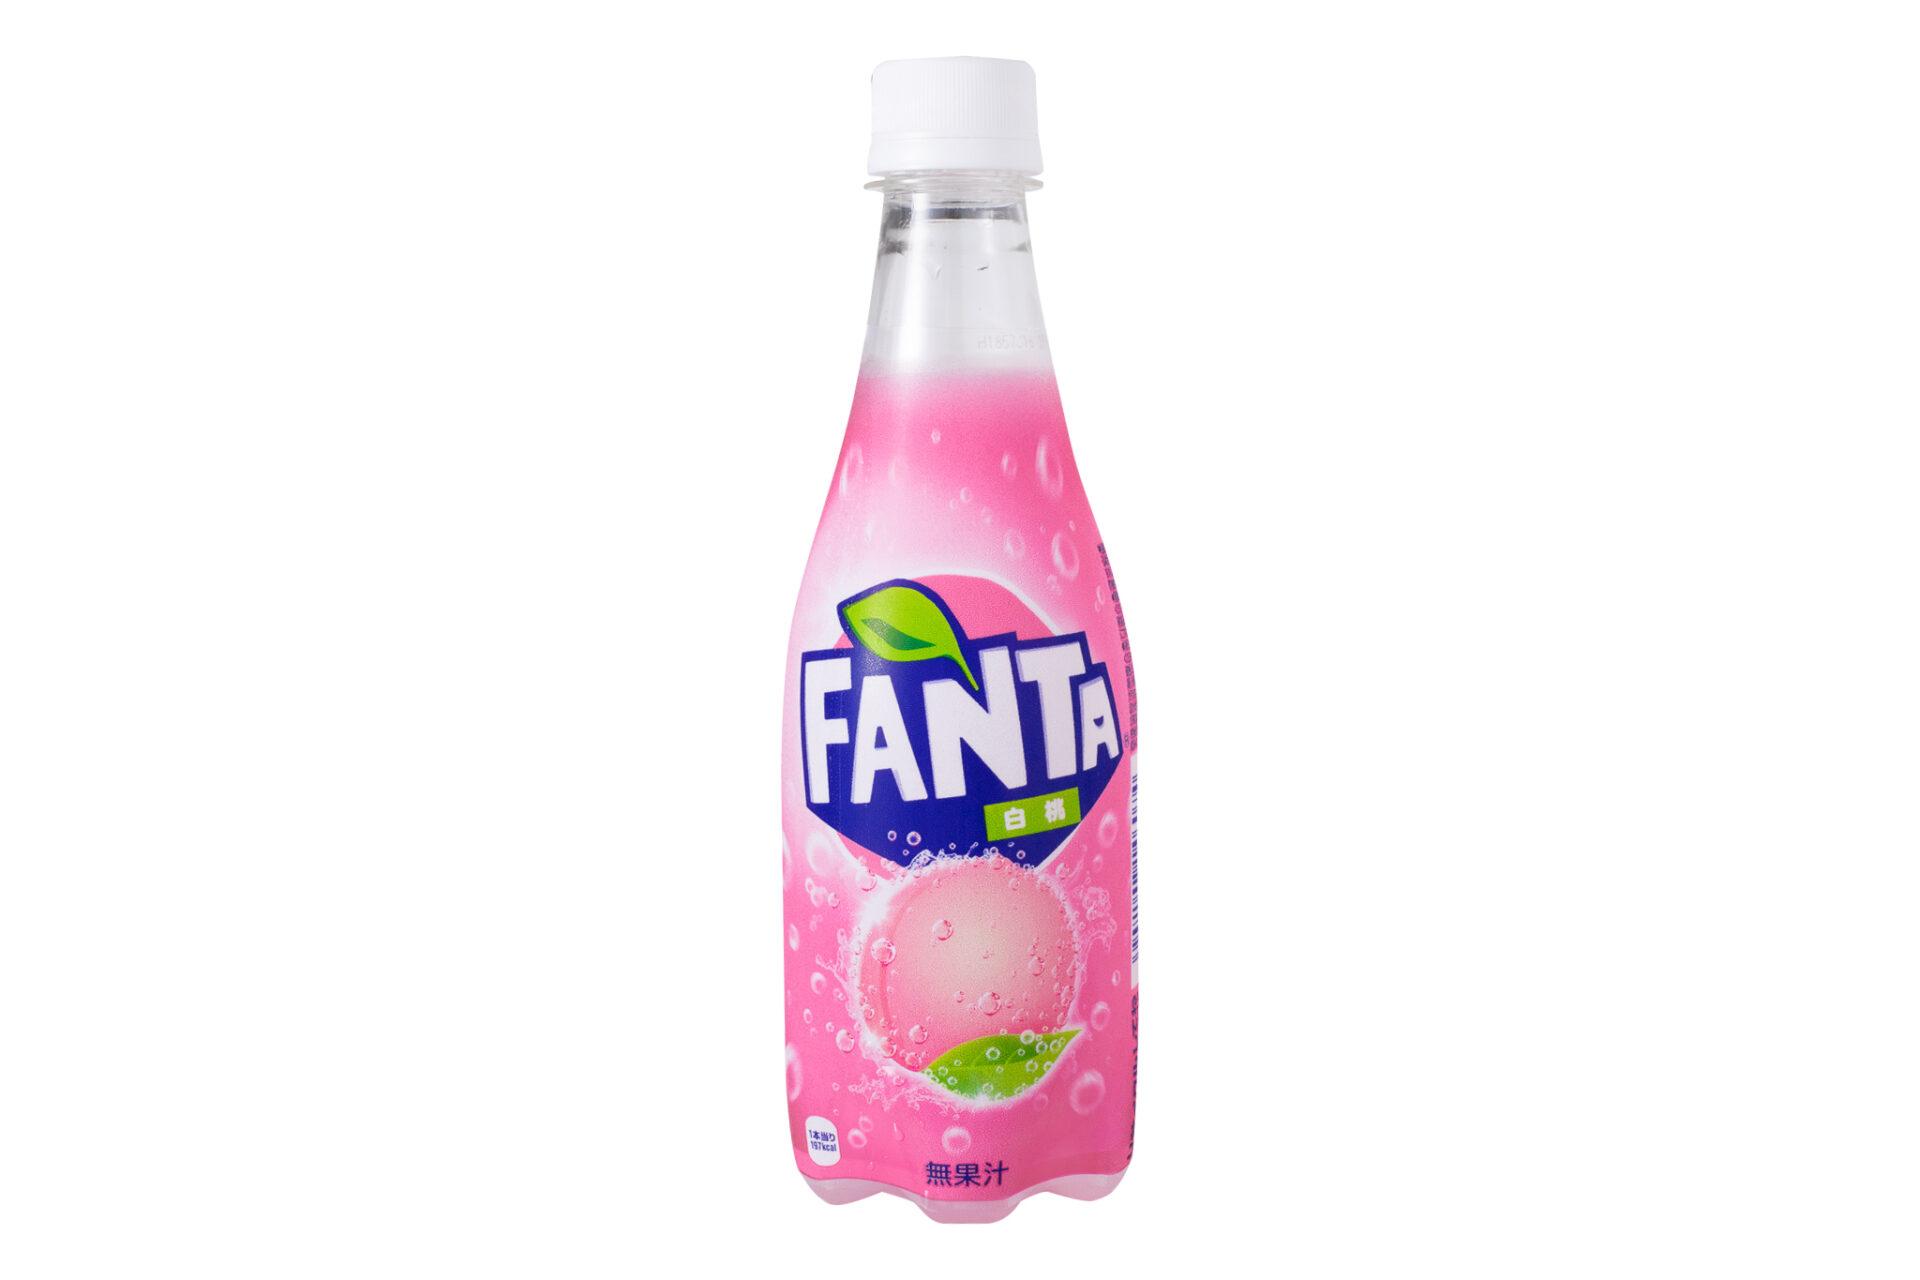 コカ・コーラ『ファンタ 白桃』